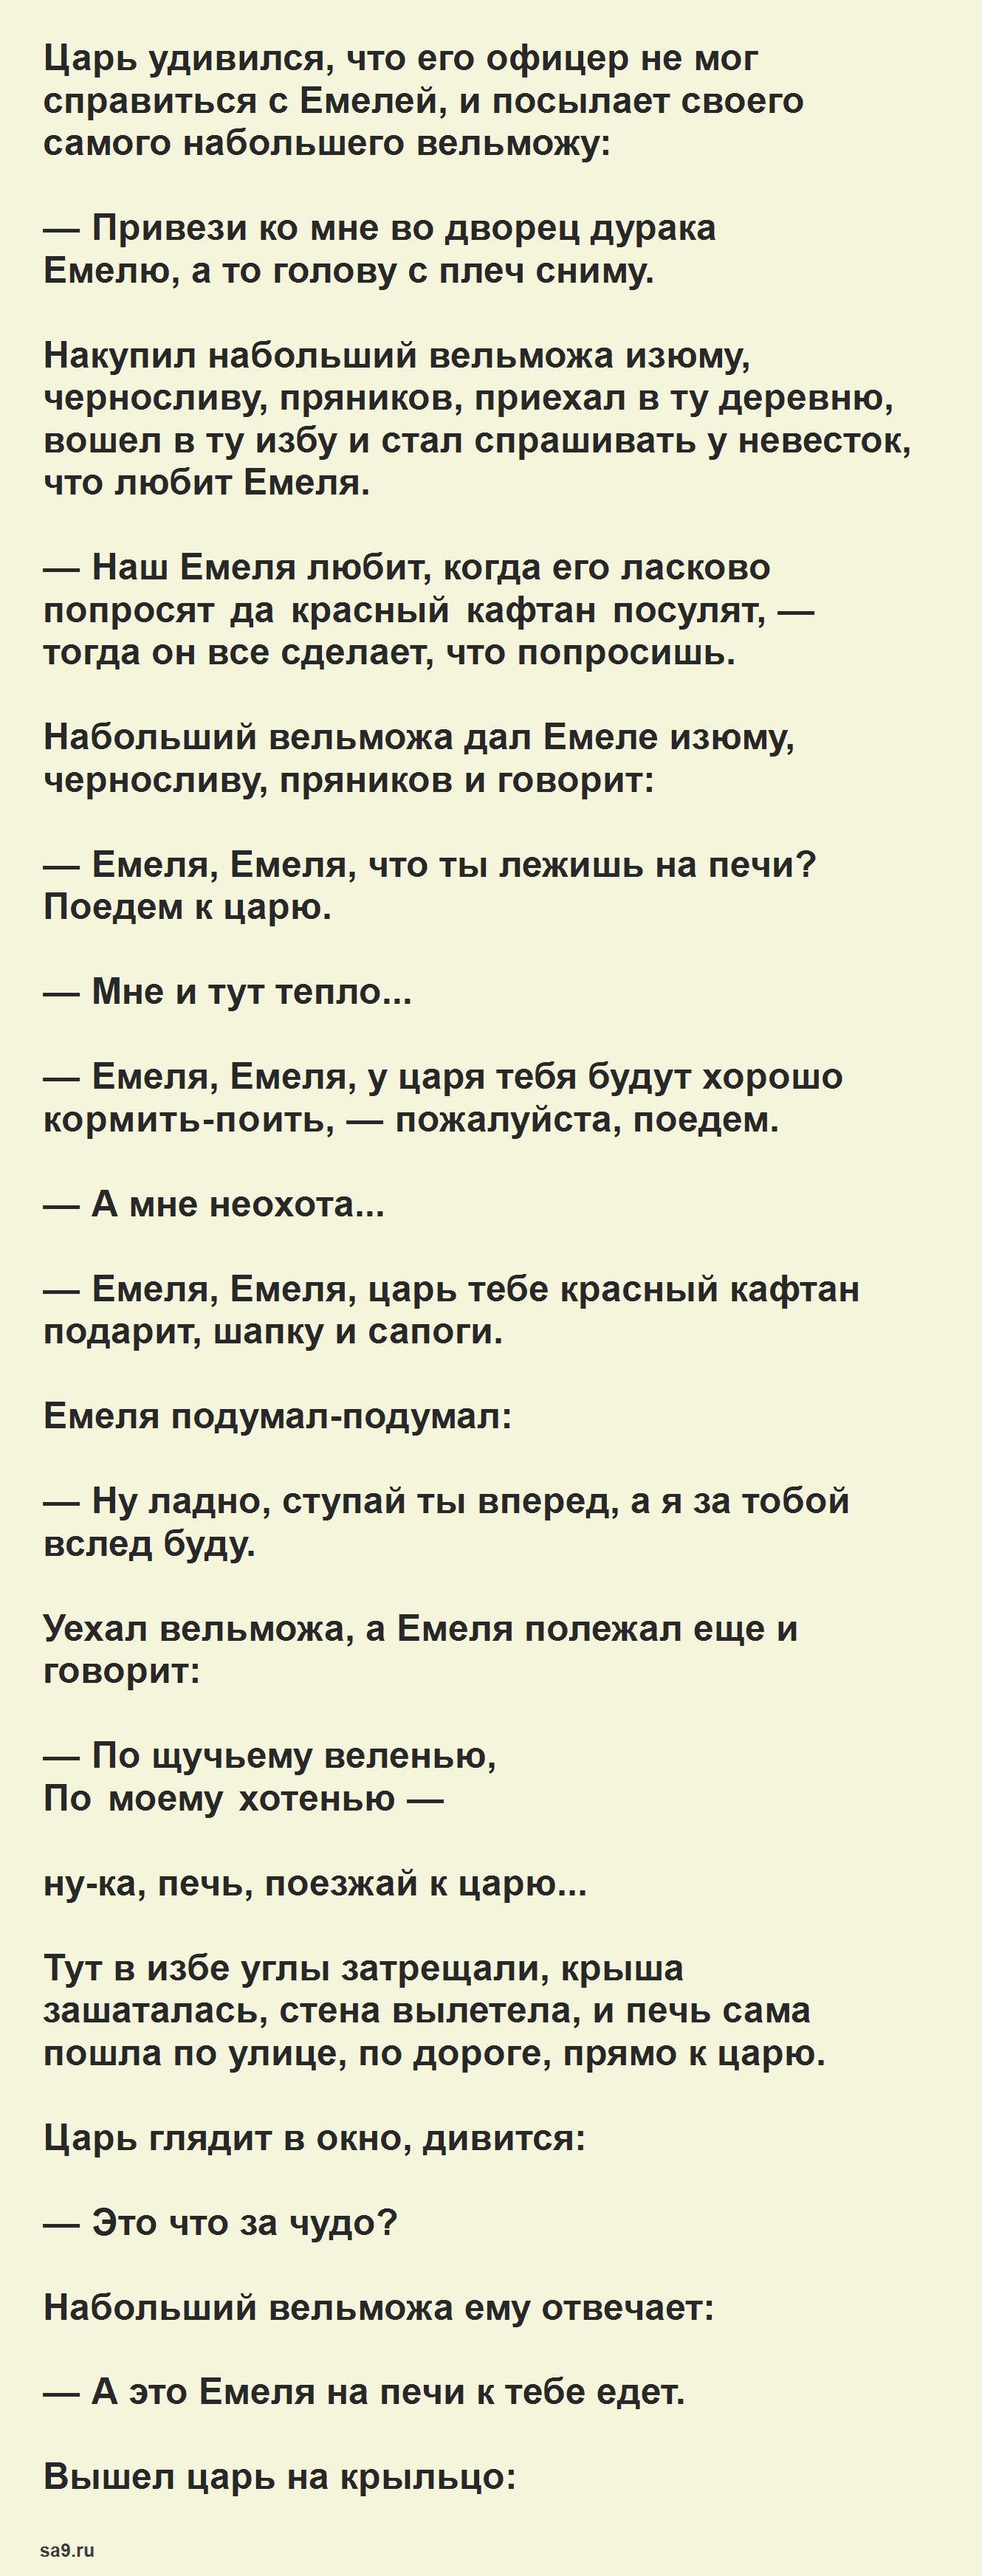 По щучьему велению - русская народная сказка, читать полностью